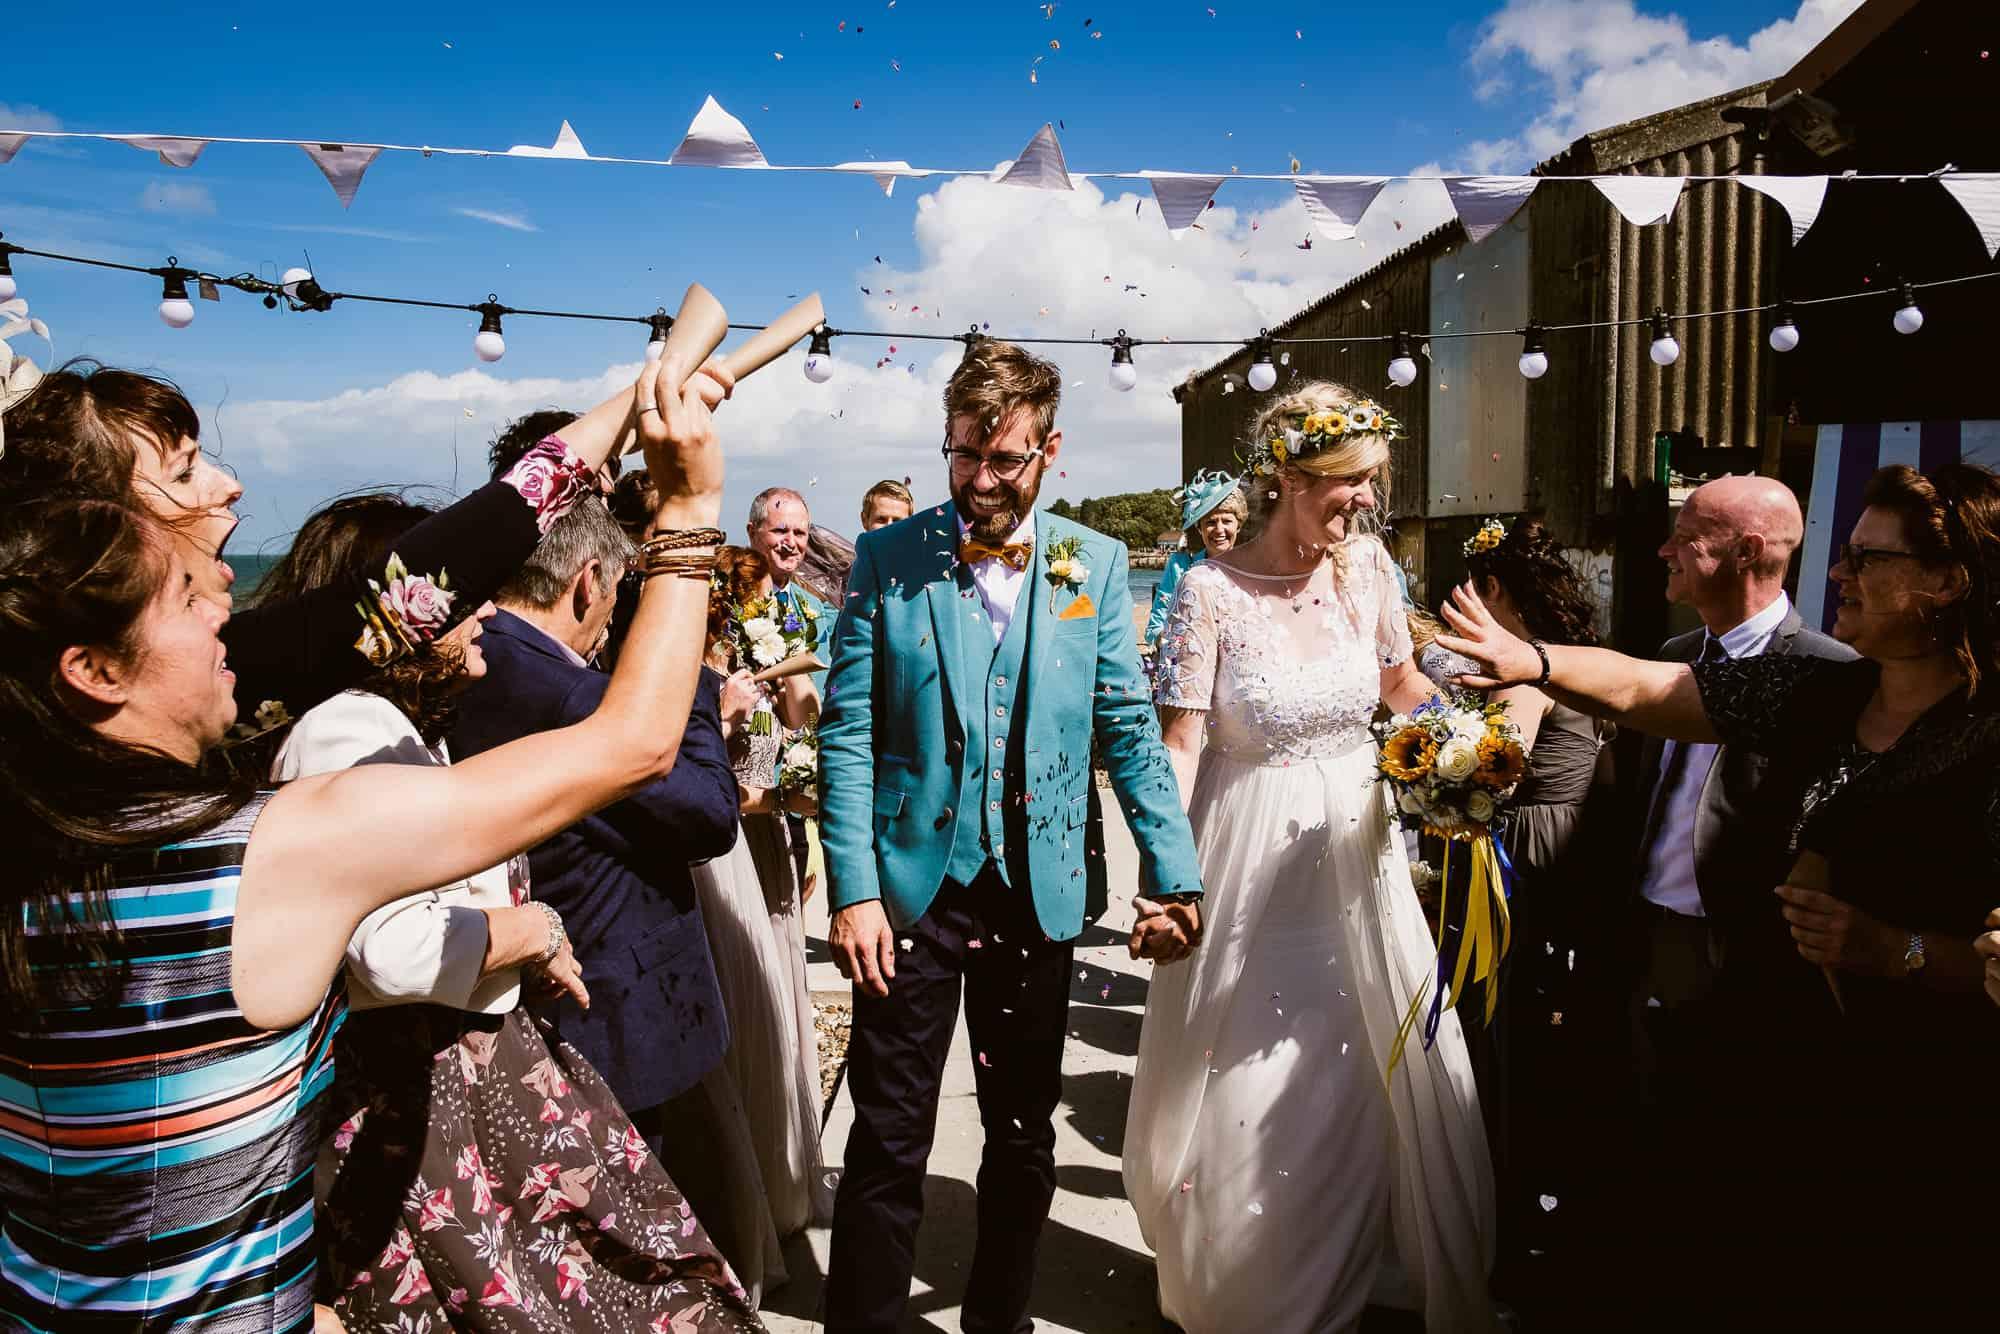 east-quay-wedding-photography-matt-tyler-0043